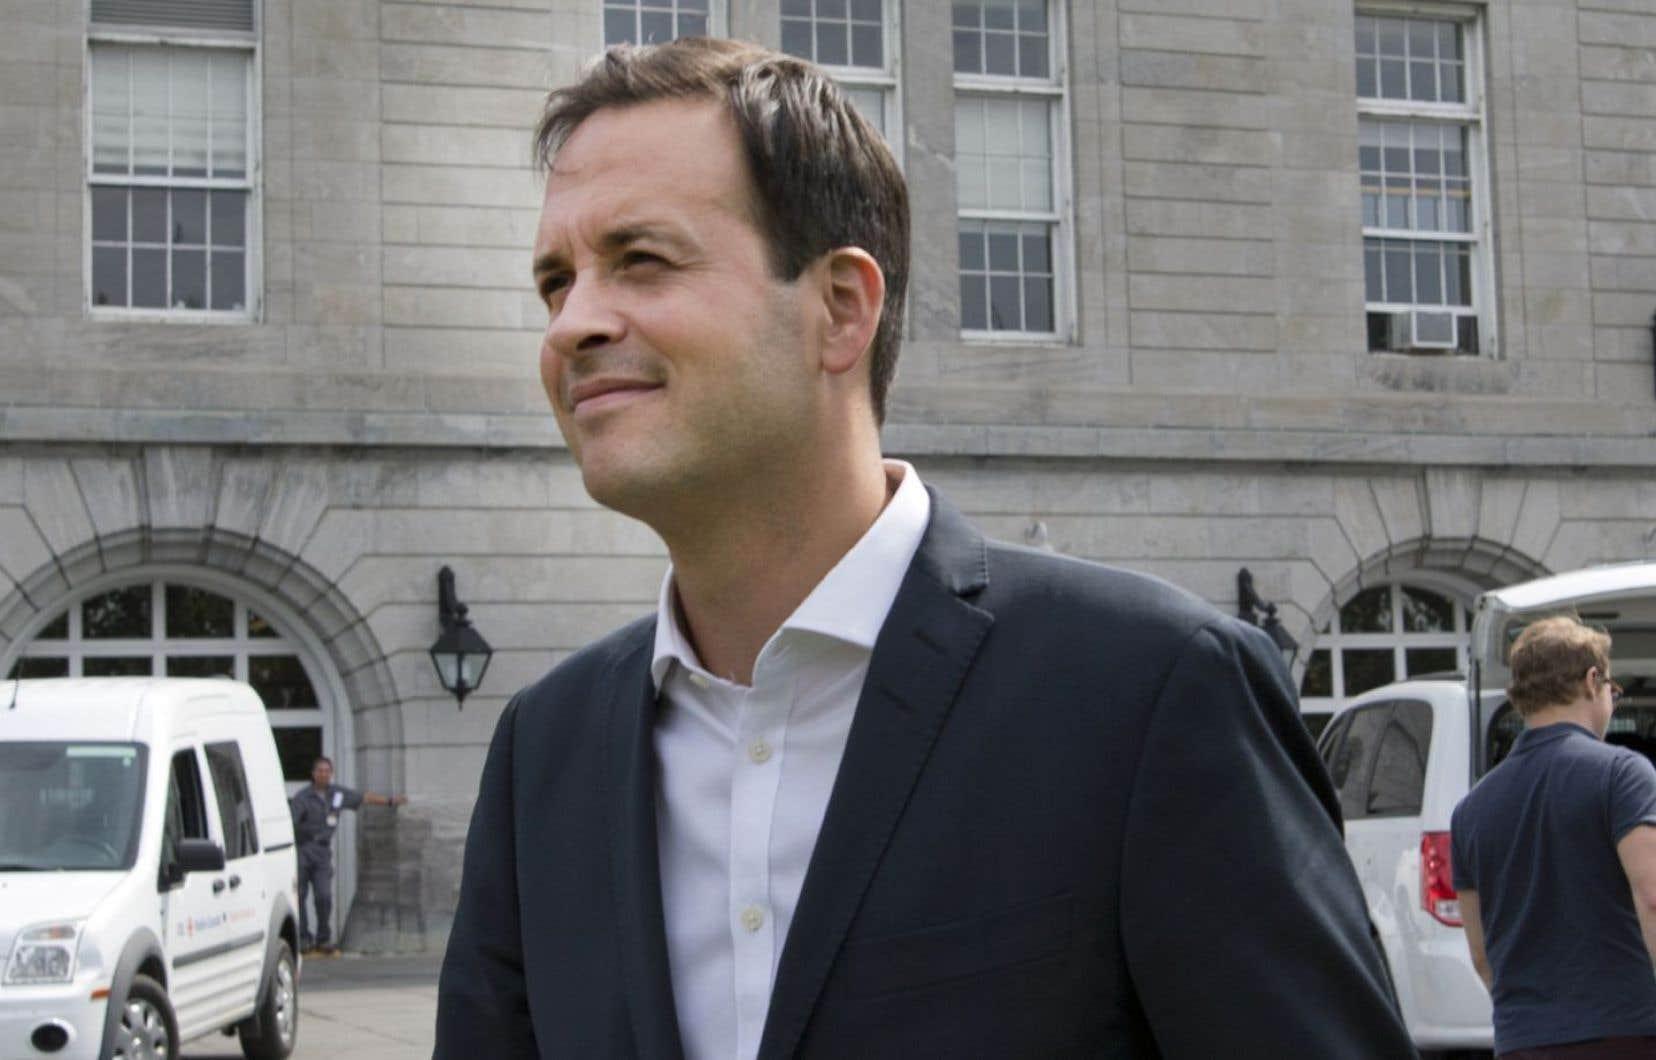 Alexandre Cloutier avait annoncé en janvier dernier qu'il terminerait son mandat de député, mais qu'il n'en solliciterait pas un nouveau.